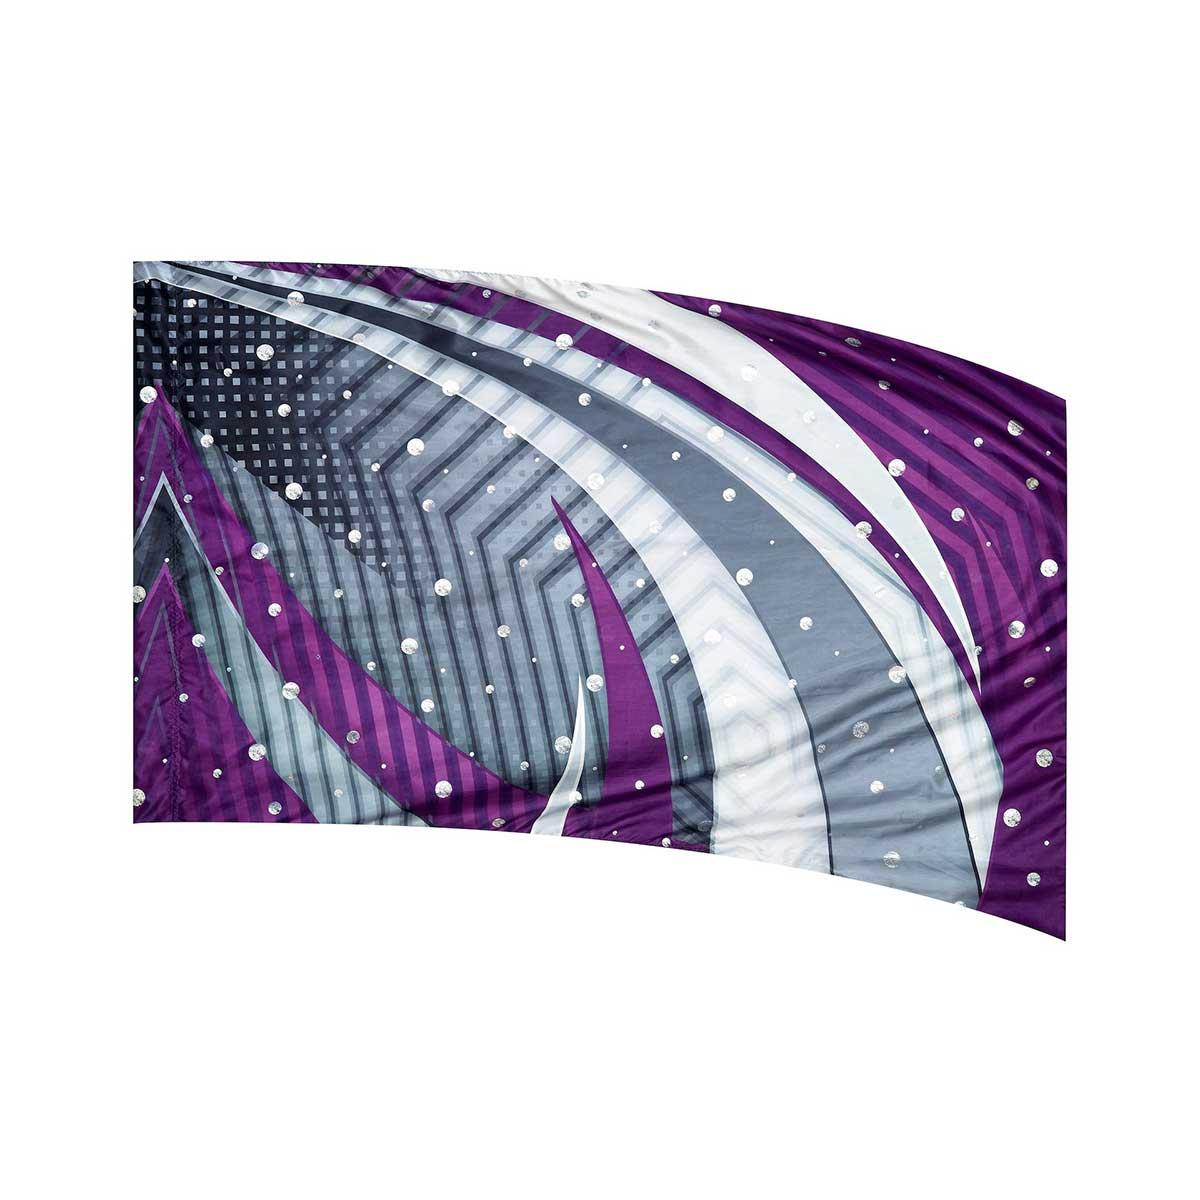 In-Stock Genesis Flags: 5005